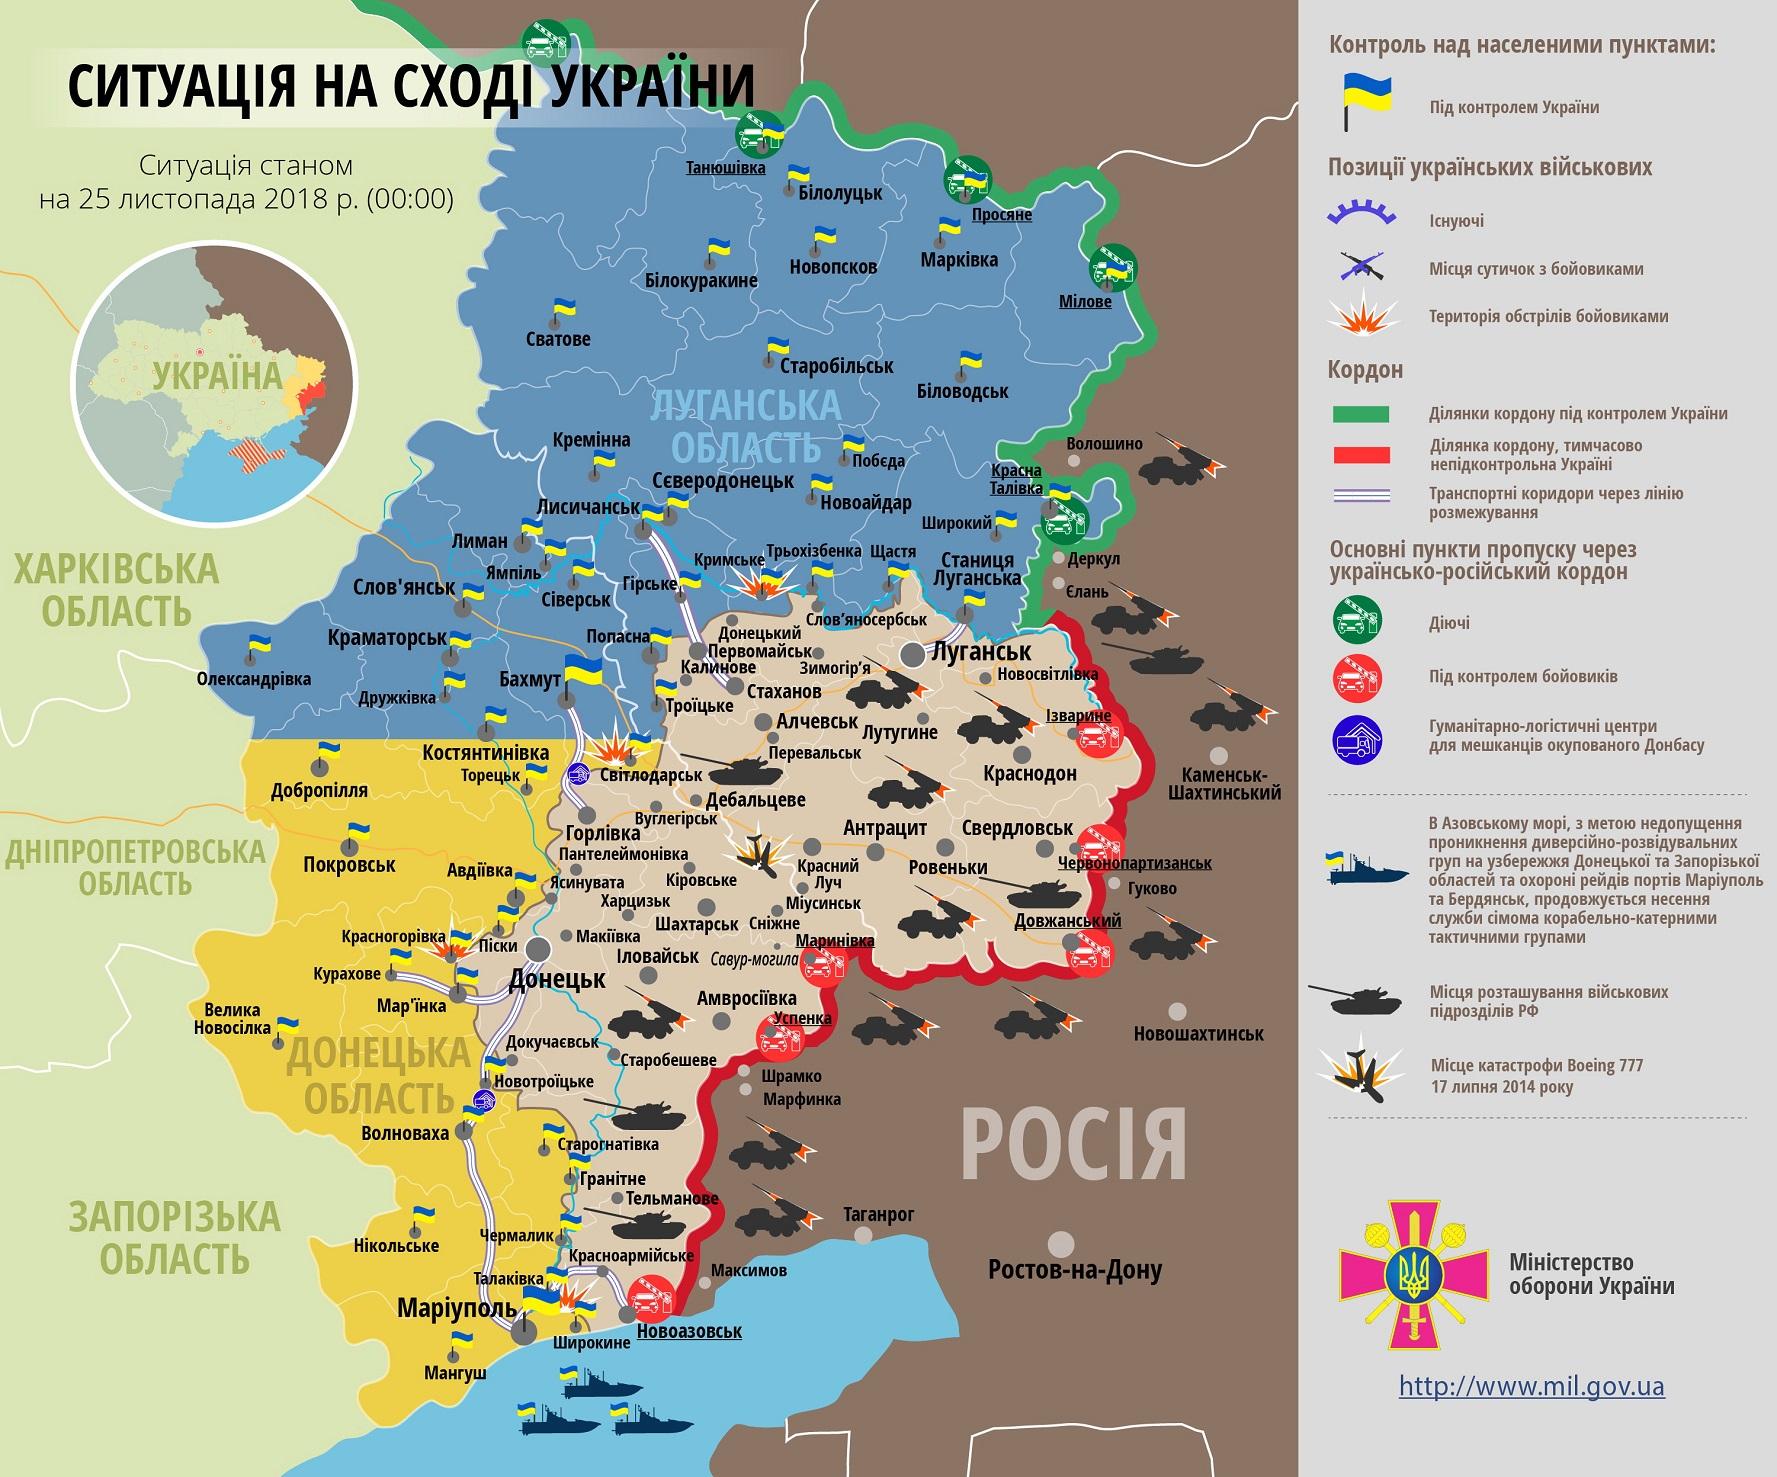 Армия РФ пошла на обострение, ВСУ в кровопролитных боях понесли потери: боевая сводка и карта ООС за 25 ноября